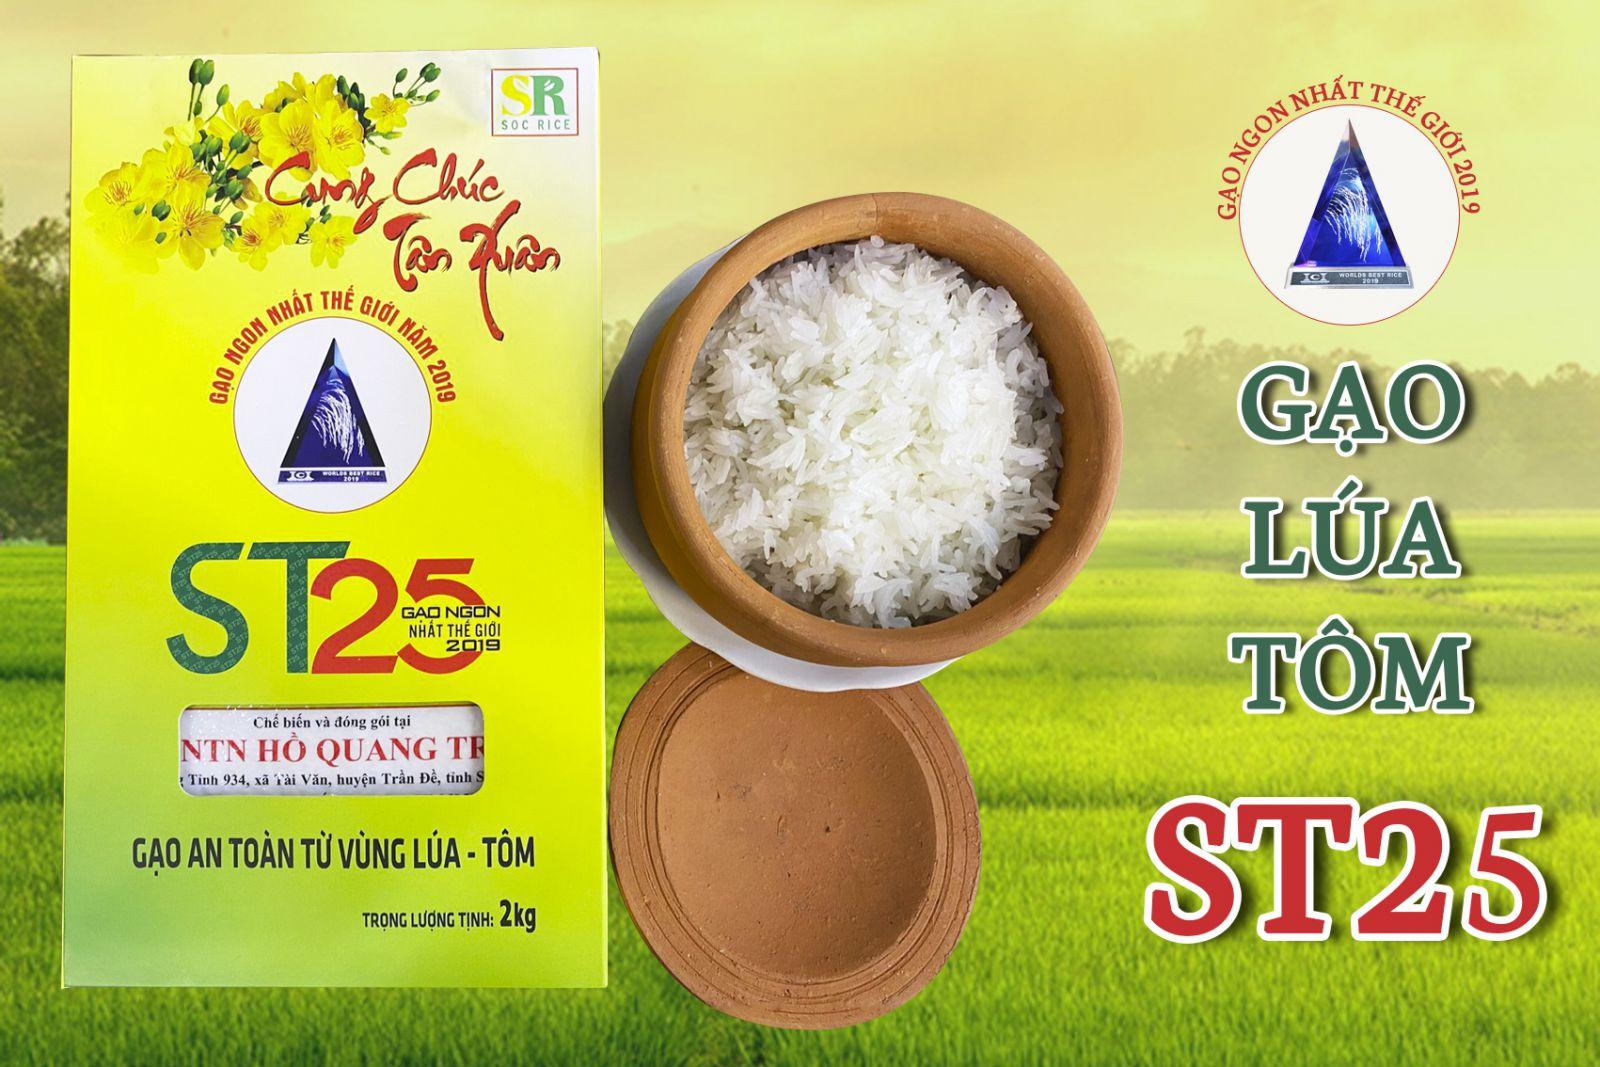 Mua Cơm gạo ST25 lúa tôm chính hãng ở đâu